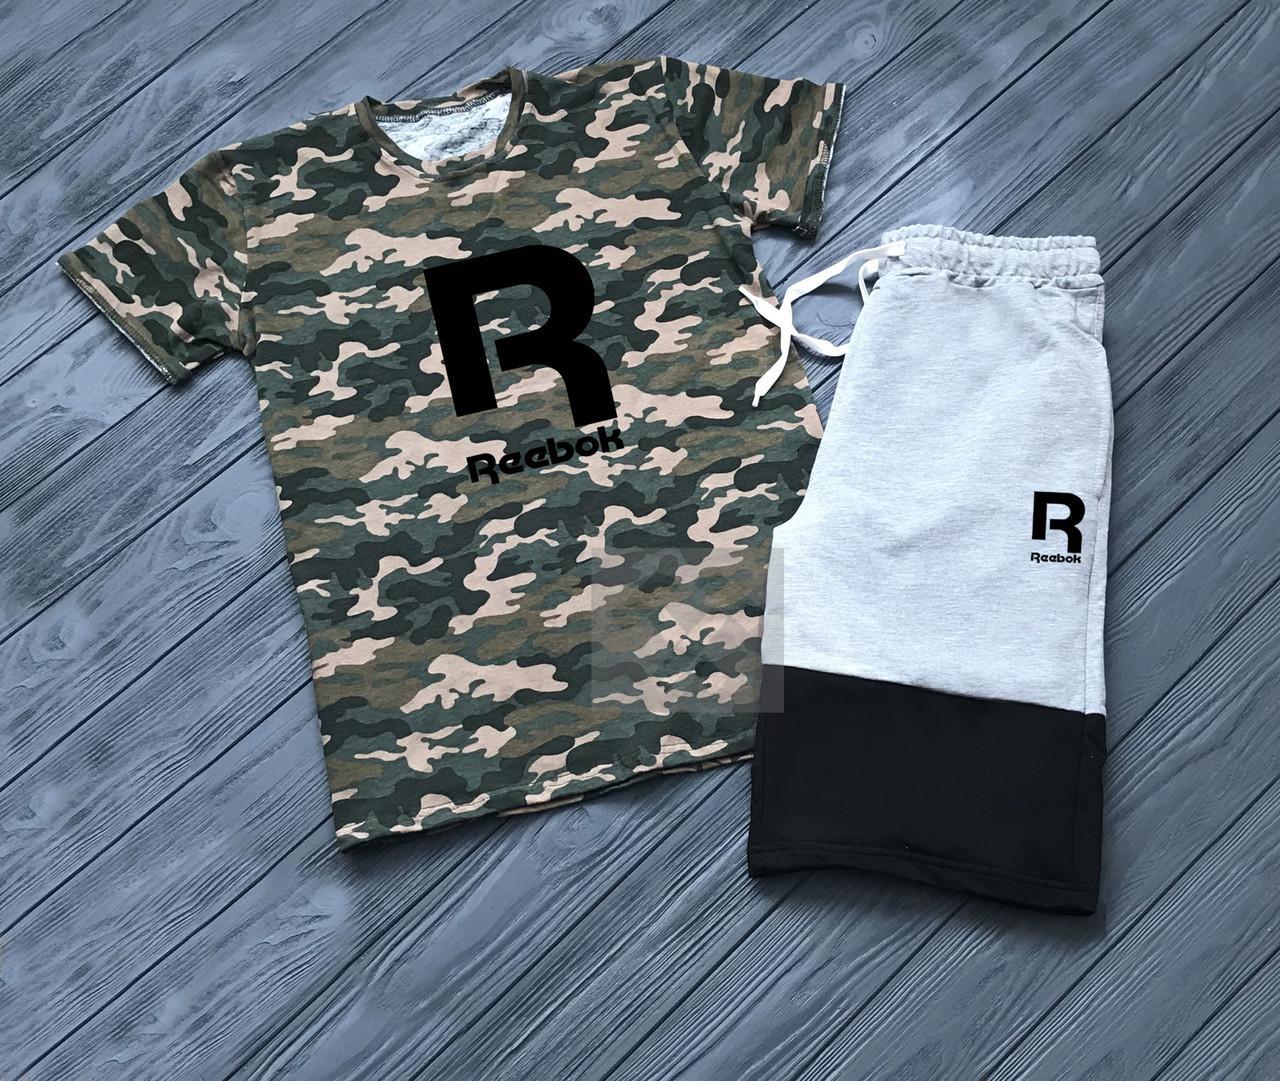 Мужской комплект футболка + шорты REEBOK камуфляжного, черного и серого цвета